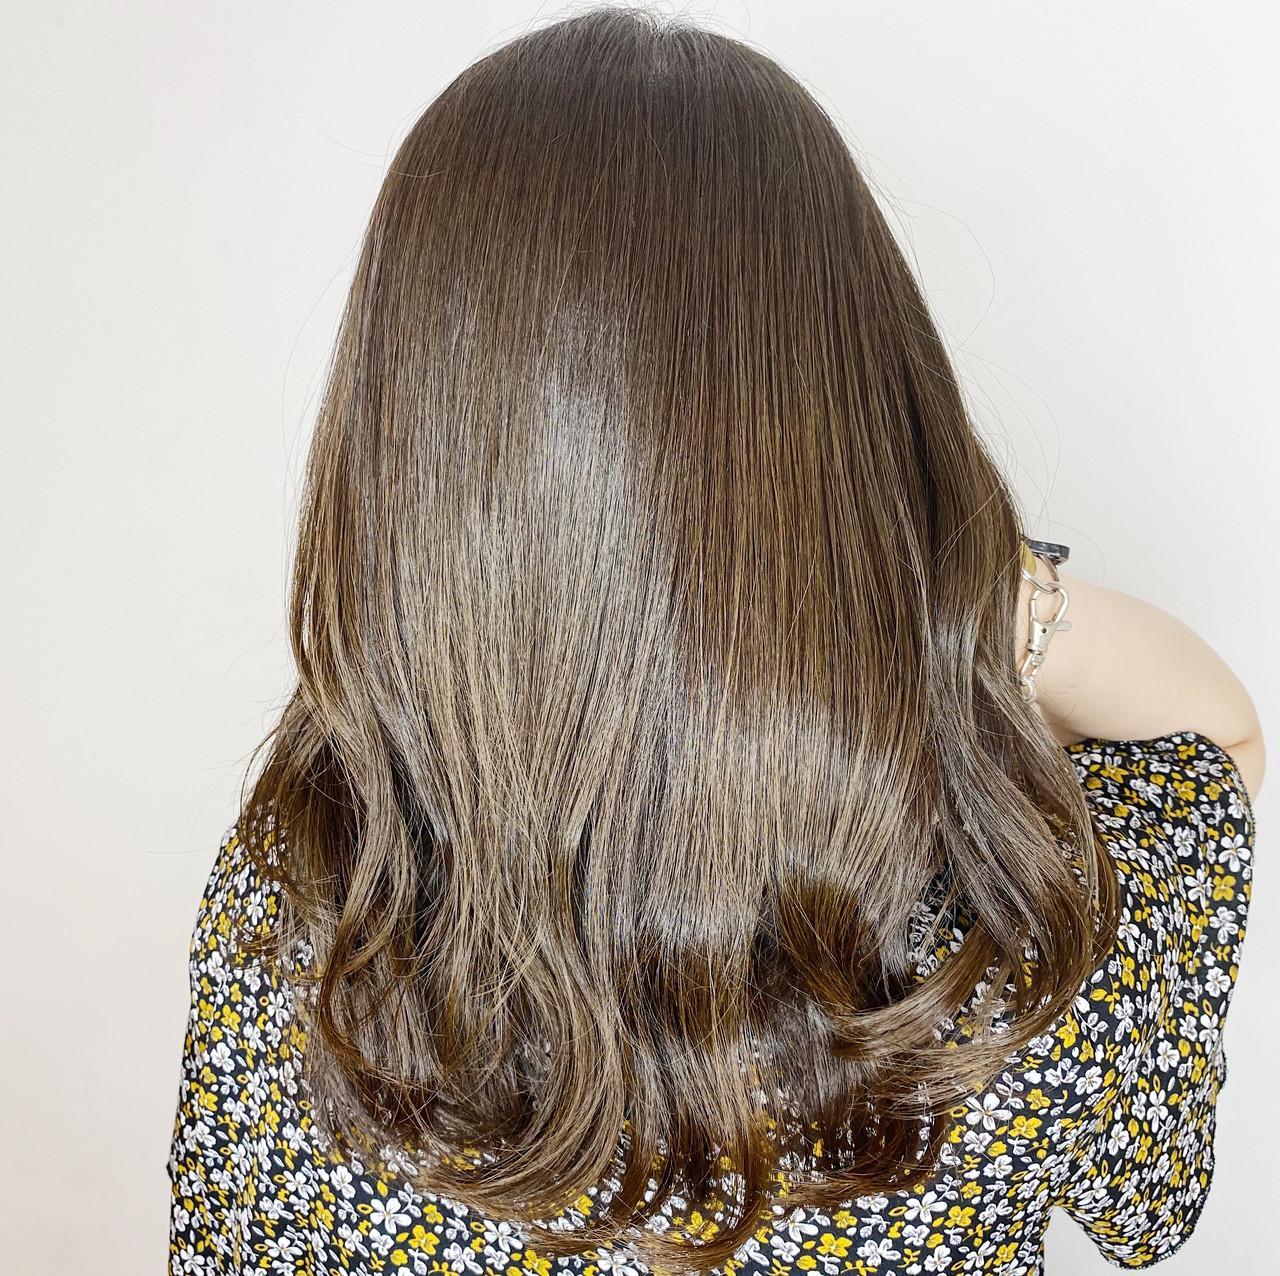 ミディアムレイヤー 大人女子 ナチュラル ミディアム ヘアスタイルや髪型の写真・画像 | 髪質改善、シアカラーで大人の女性をプロデュース☆ / Zina CENTRAL